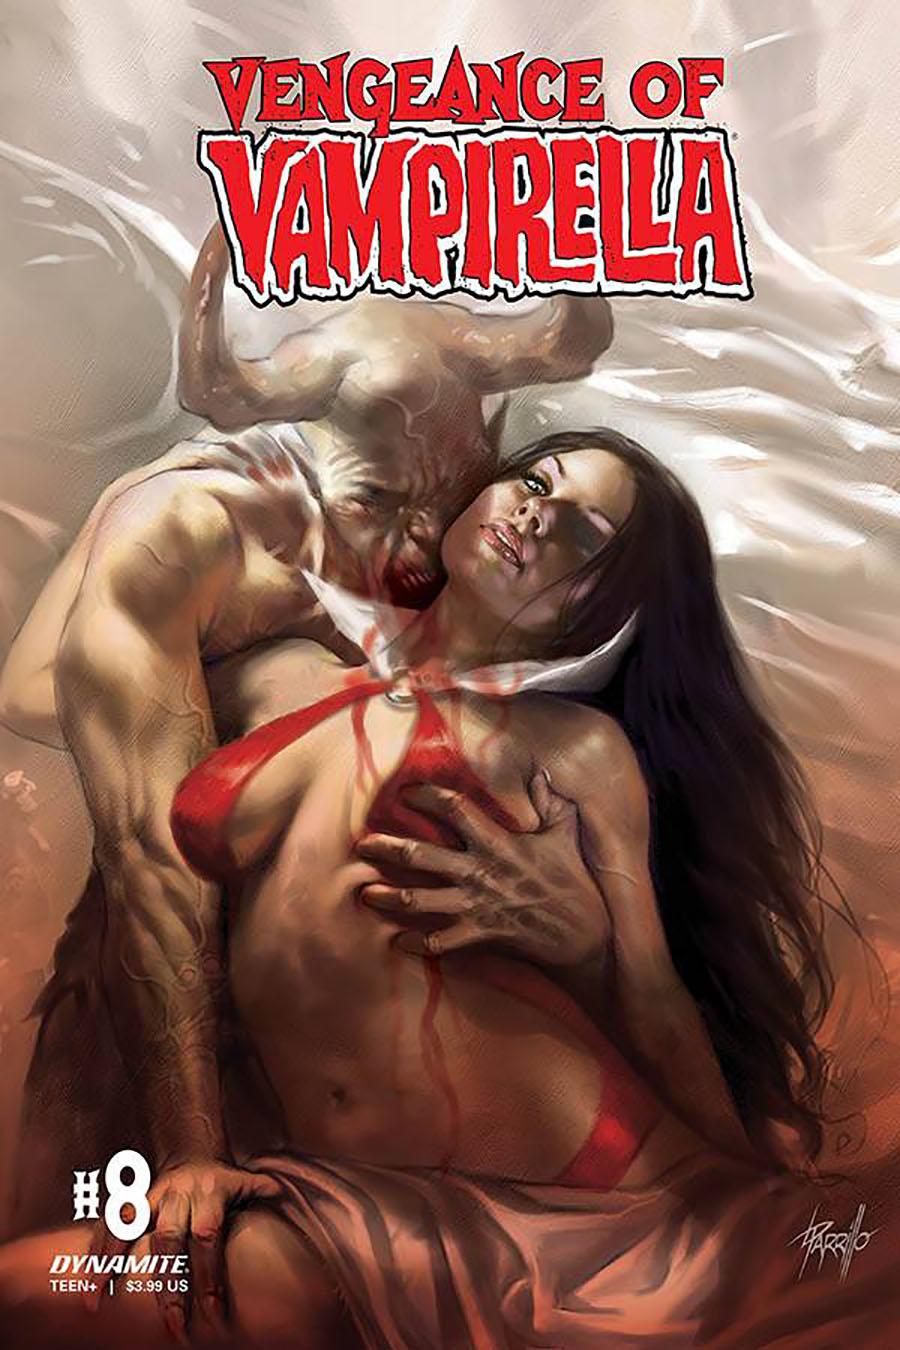 Vengeance Of Vampirella Vol 2 #8 Cover A Regular Lucio Parrillo Cover